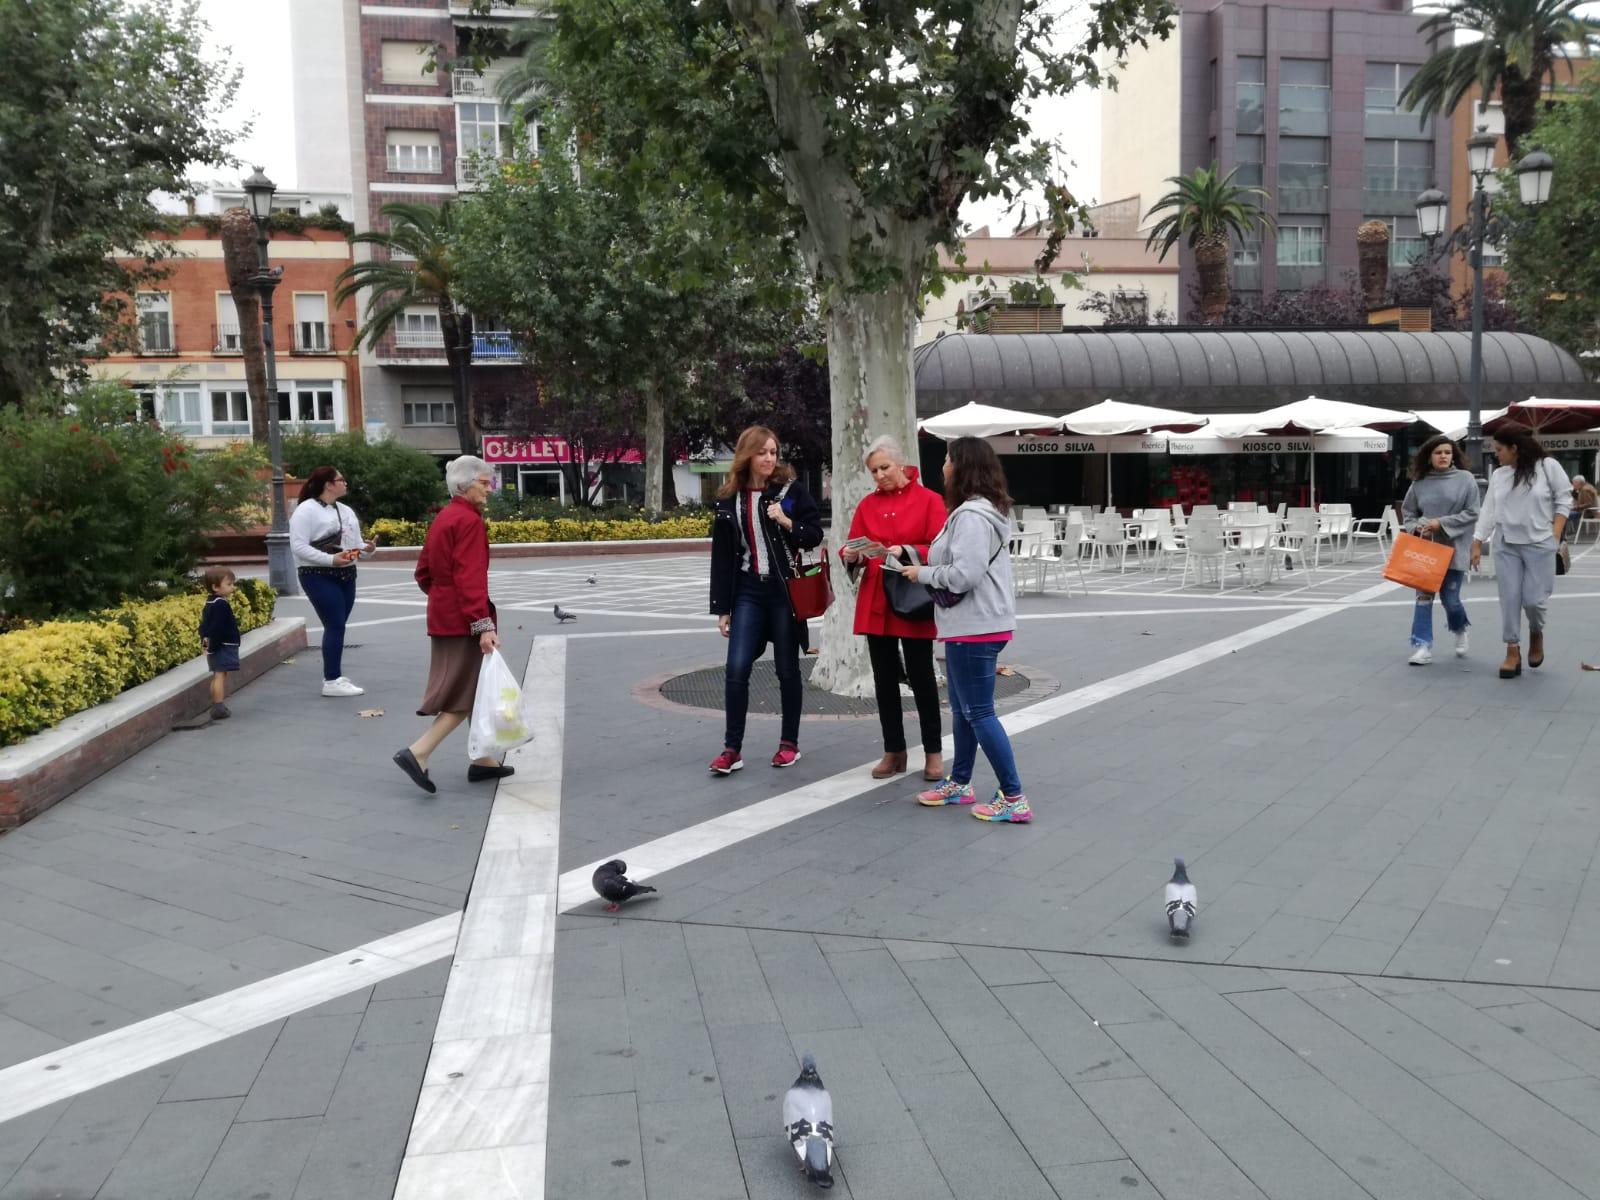 Mesa informativa Gastos Hipotecarios: Parque San Francisco (Badajoz) 27/10/2018